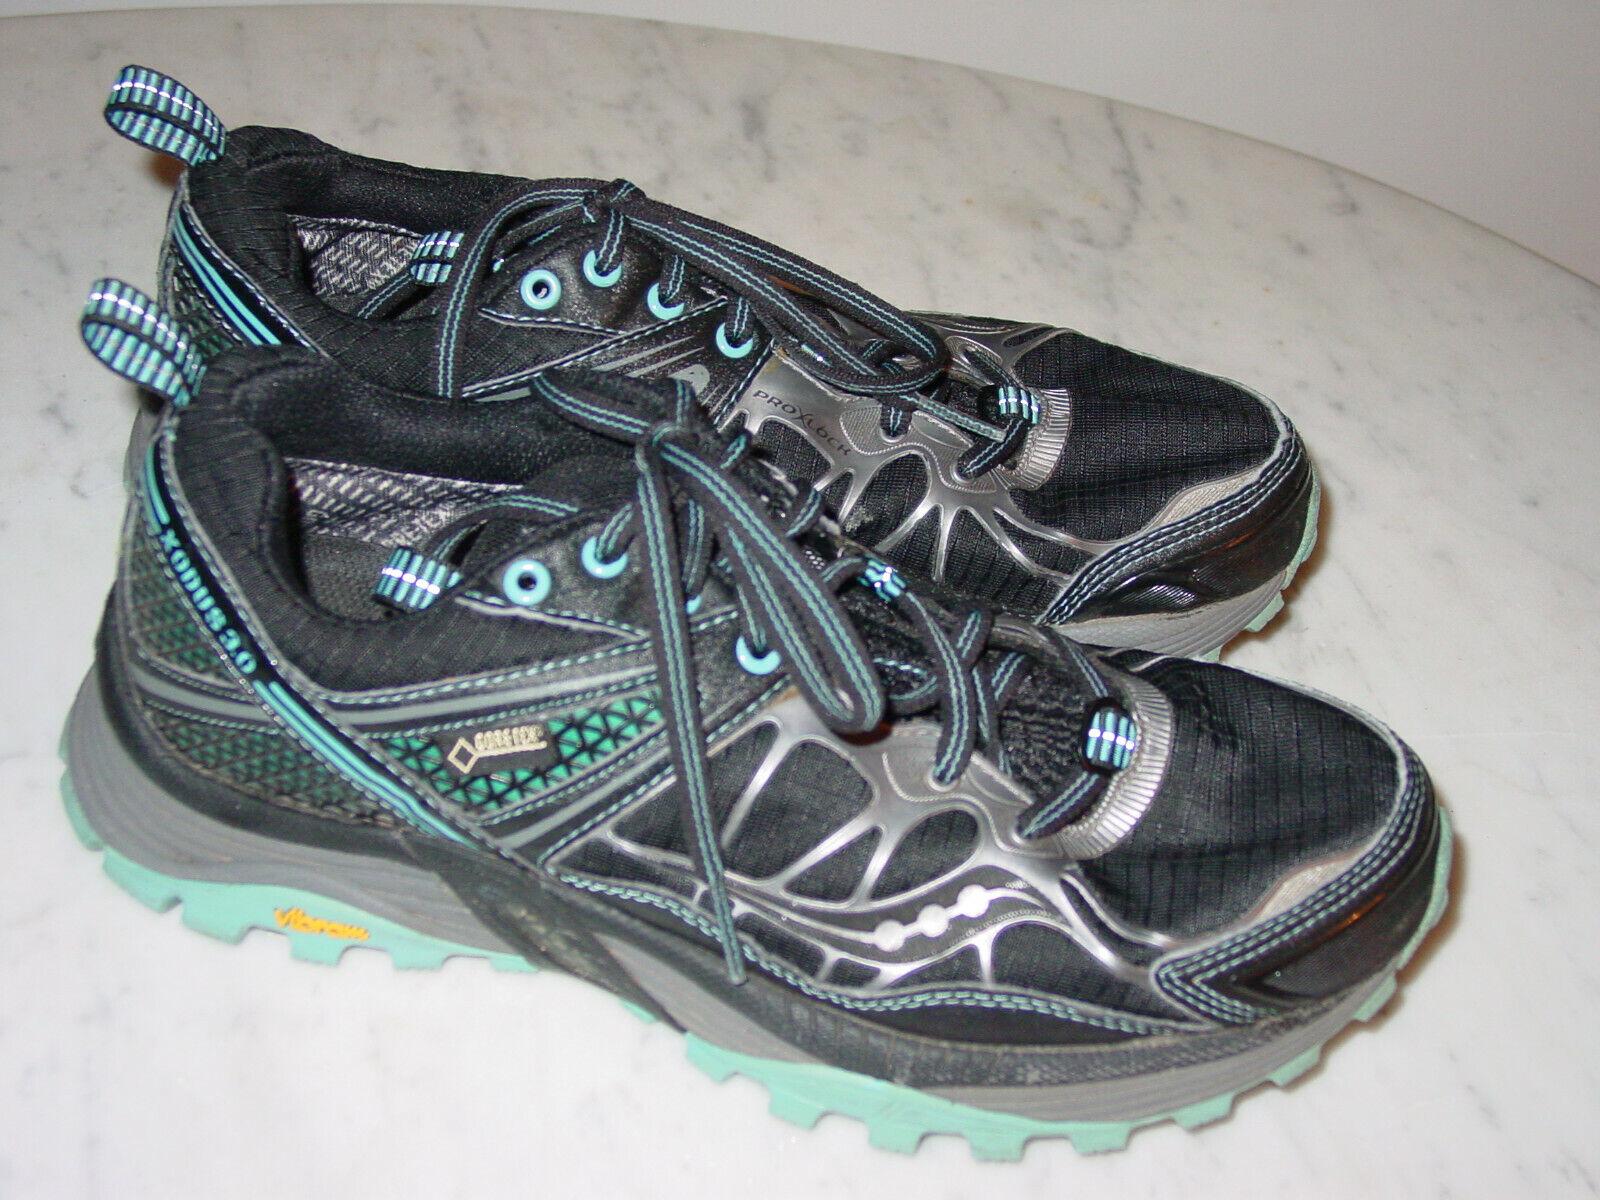 zapatos salomon hombre amazon outlet nz coupon 400